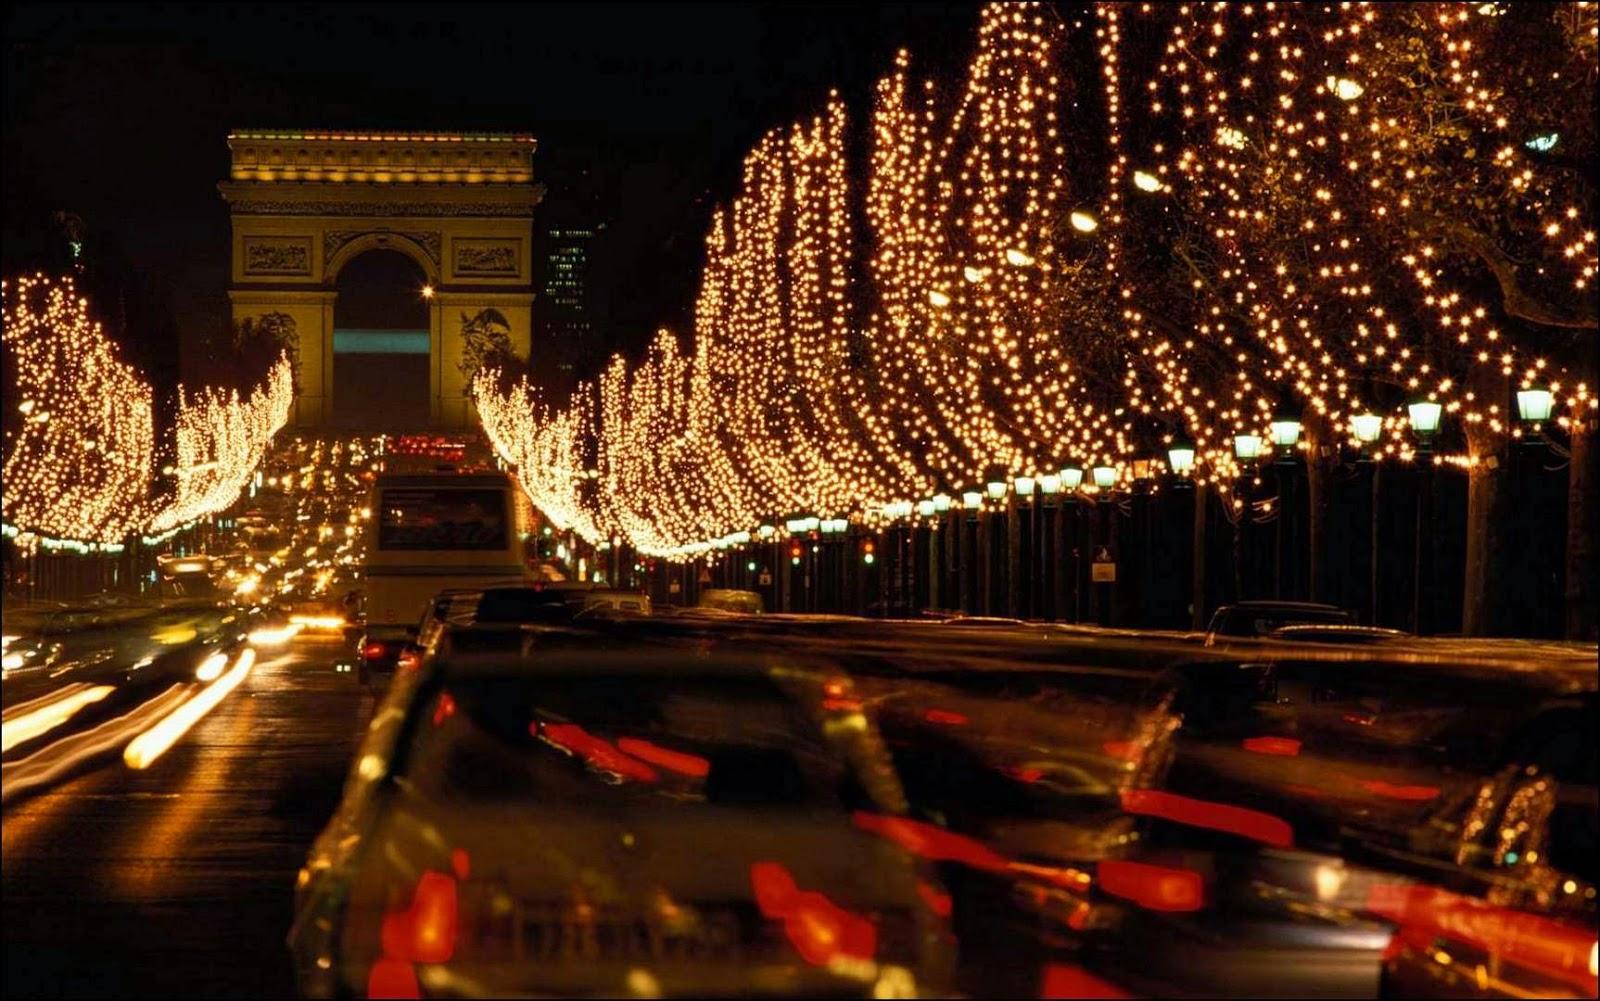 Calle decorada con luces navideñas